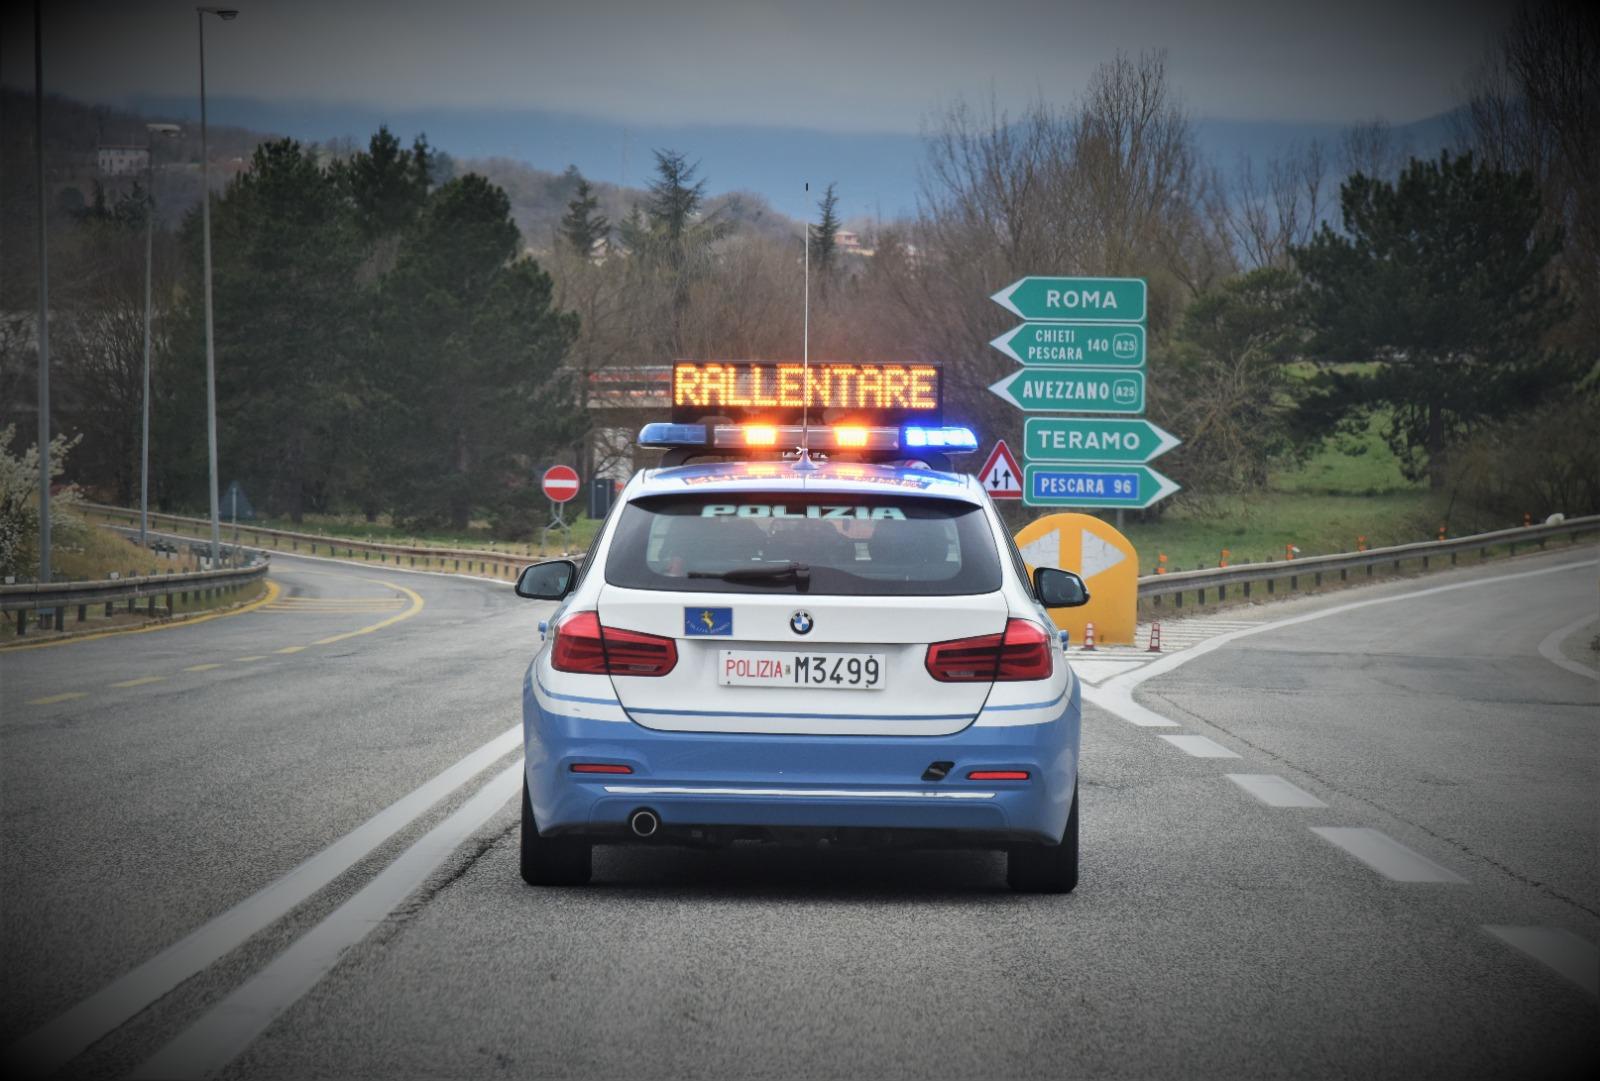 Giornata Nazionale in memoria delle vittime della strada, la Polizia Stradale Abruzzo e Molise ricorderà con una celebrazione le vittime della strada il 15 novembre